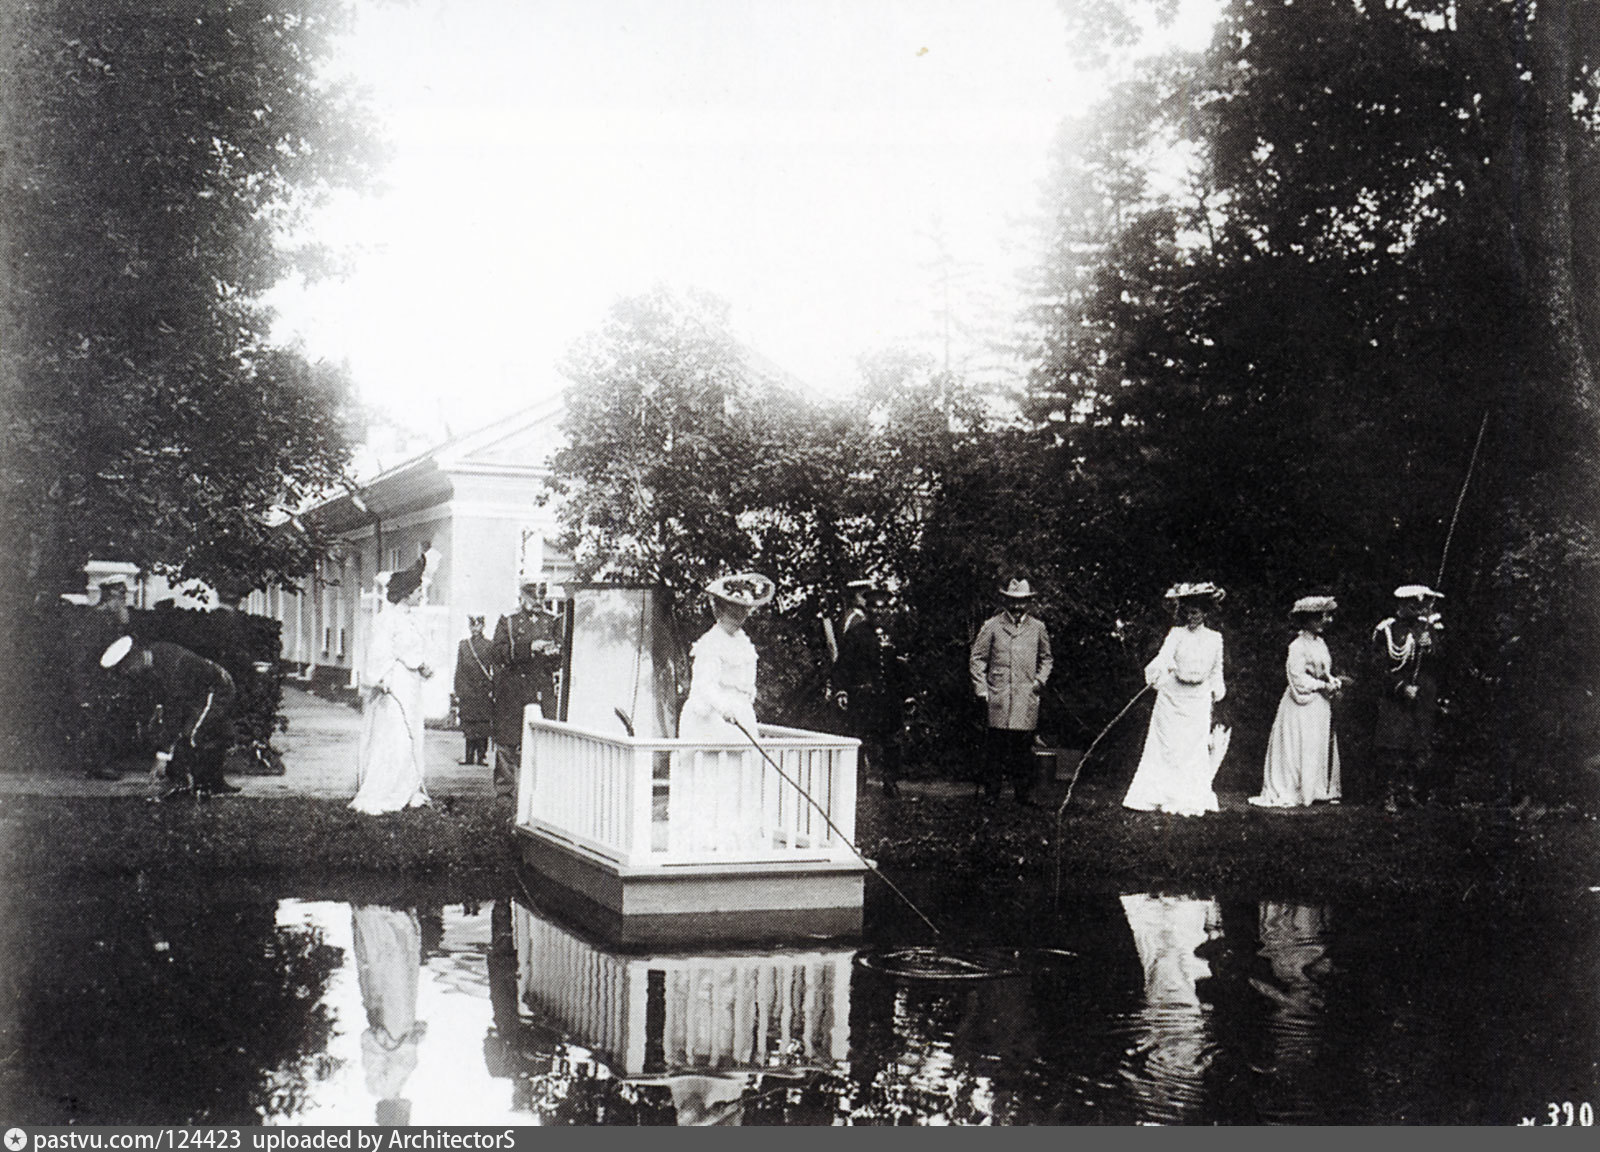 Участники выездов в охотничью и рыболовецкую усадьбу императора Николая II  во время рыбной ловли